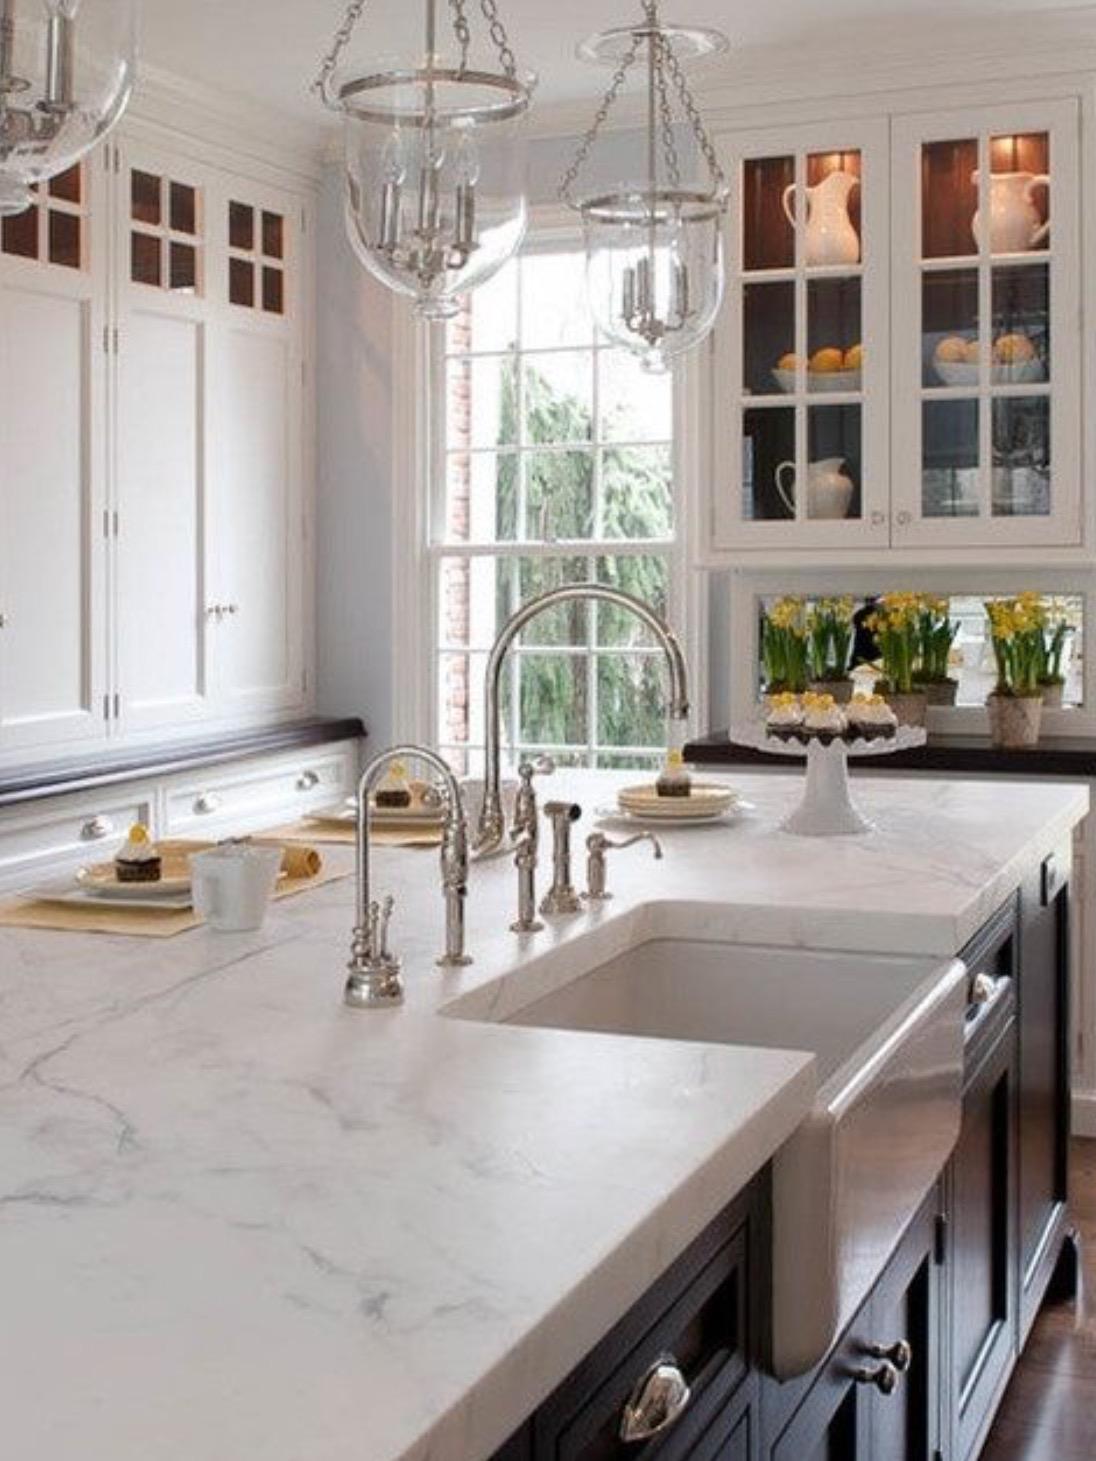 chris and kitchen cart ceiling ideas wraca moda na klasyczne kuchnie projektowanie wnętrz